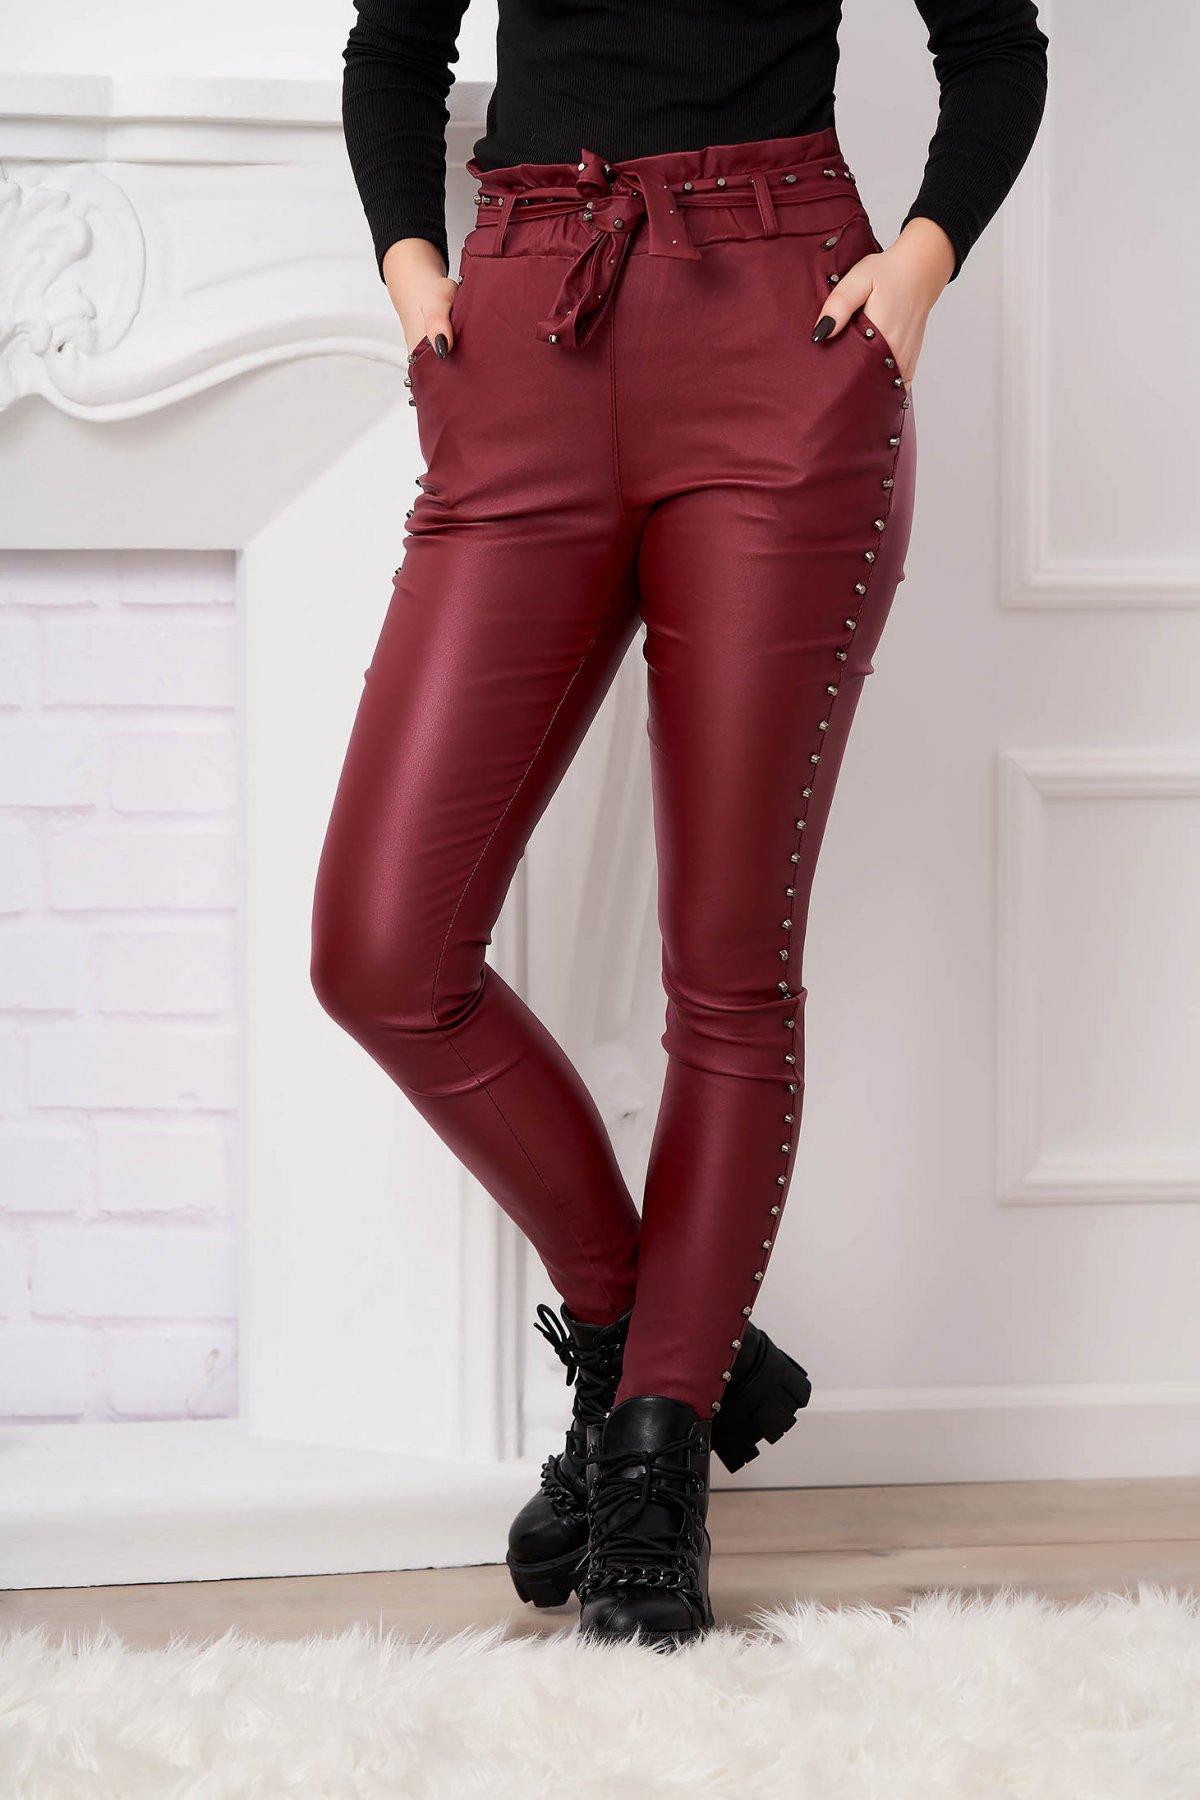 Pantaloni SunShine visinii din piele ecologica cu un croi mulat cu tinte metalice cu talie inalta